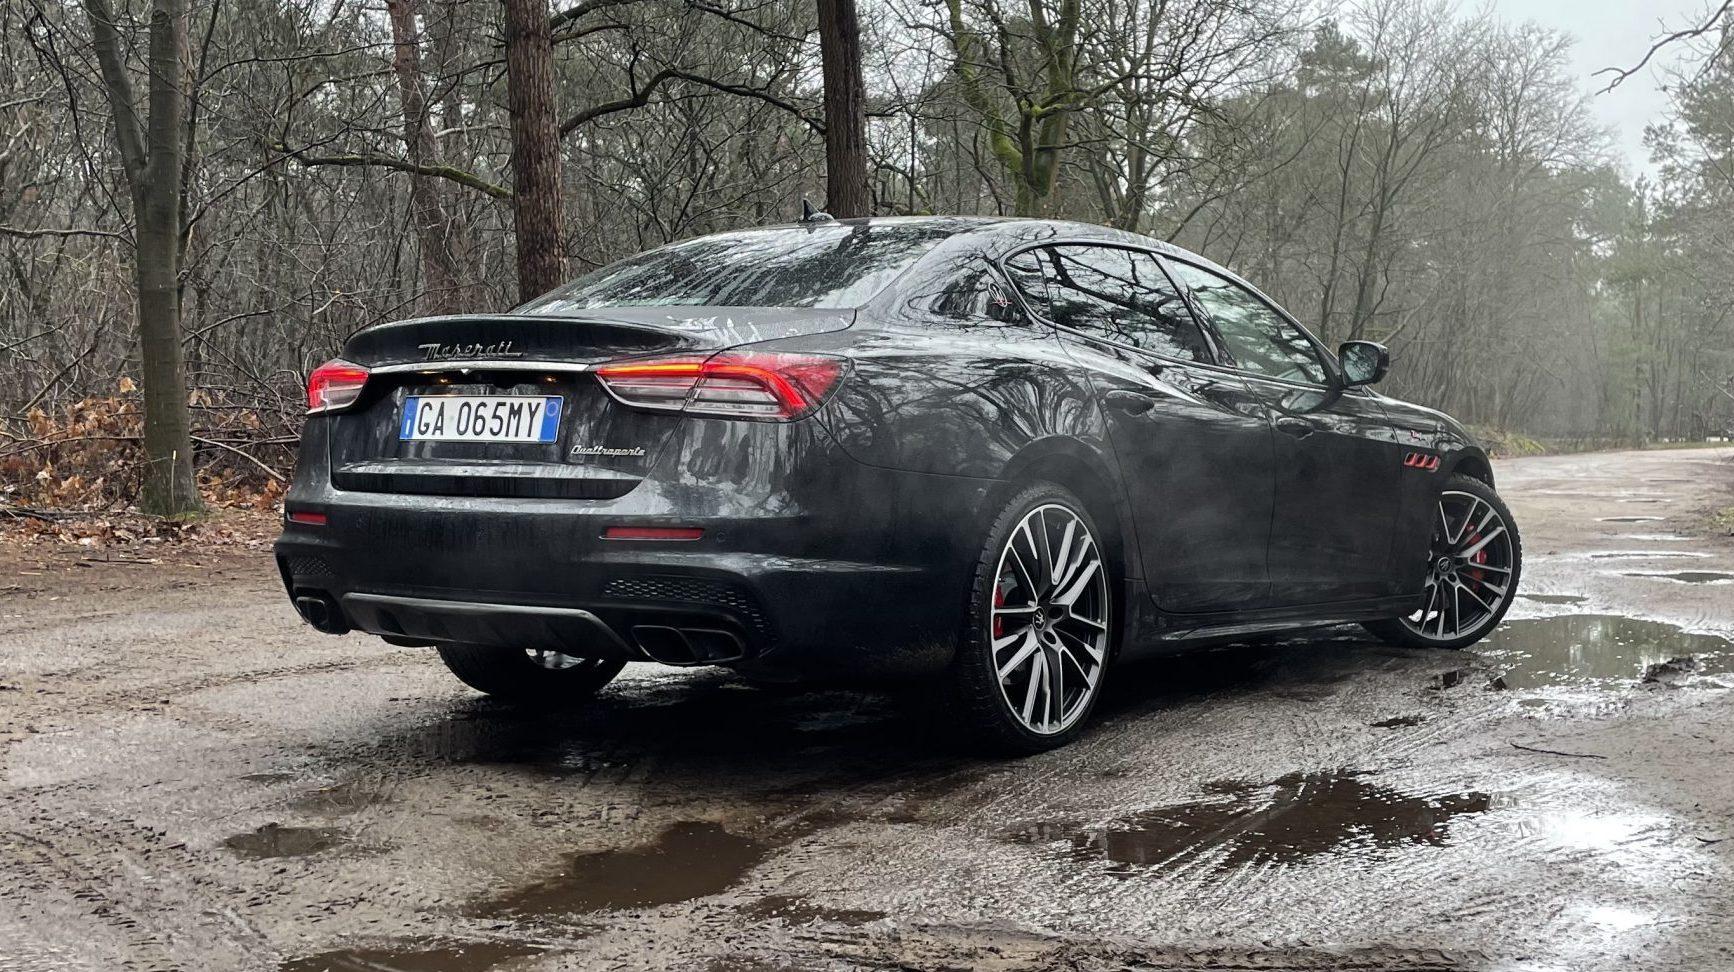 Maserati Quattroporte Trofeo in het zwart met Italiaanse kentekenplaten